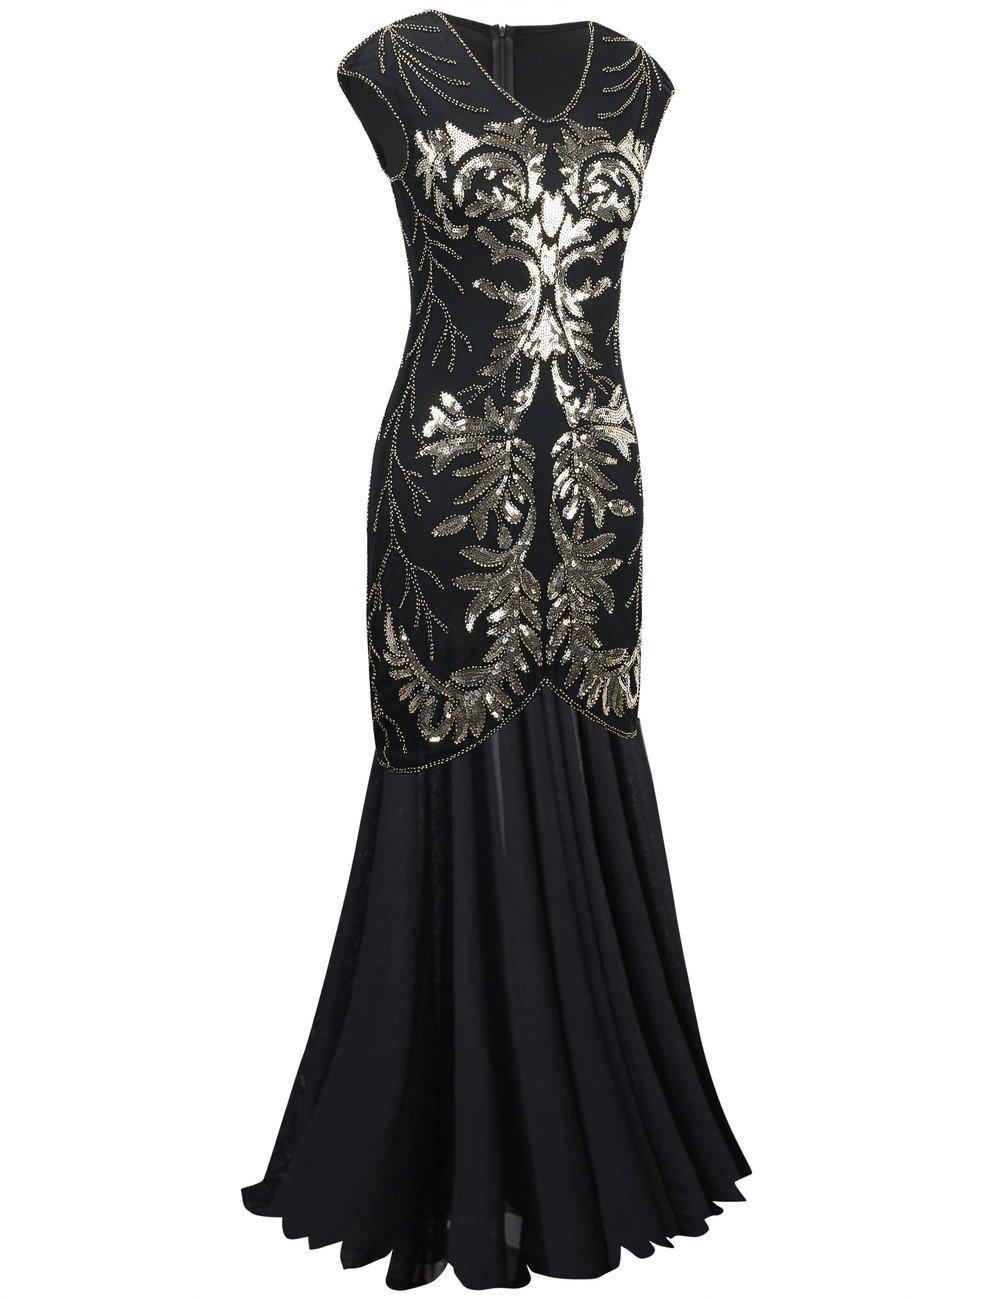 PrettyGuide Women Evening Dress 1920s Ball Gown Black Sequin Flapper ...